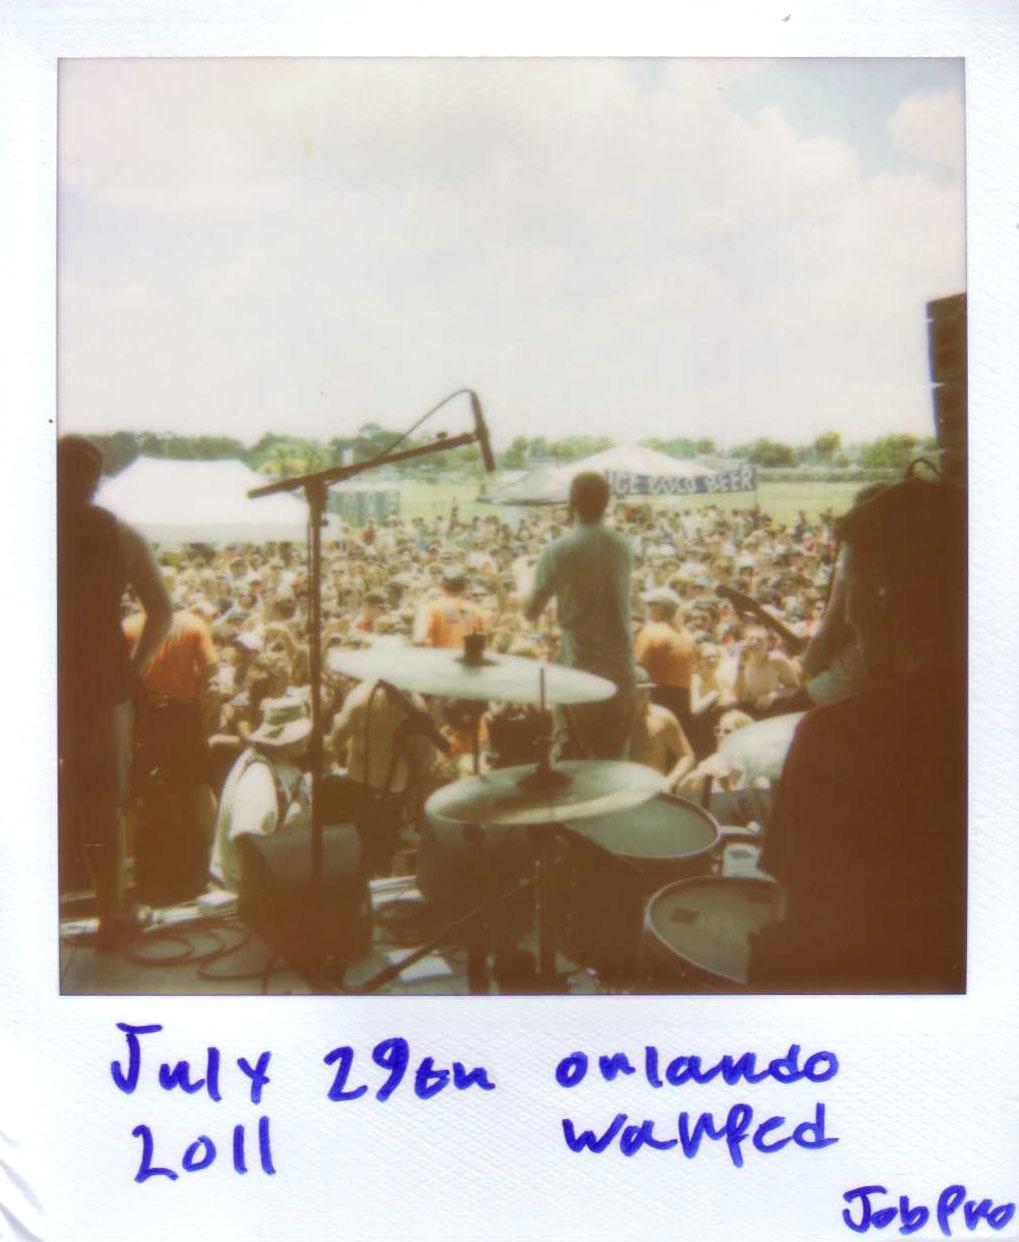 Orlando warped tour